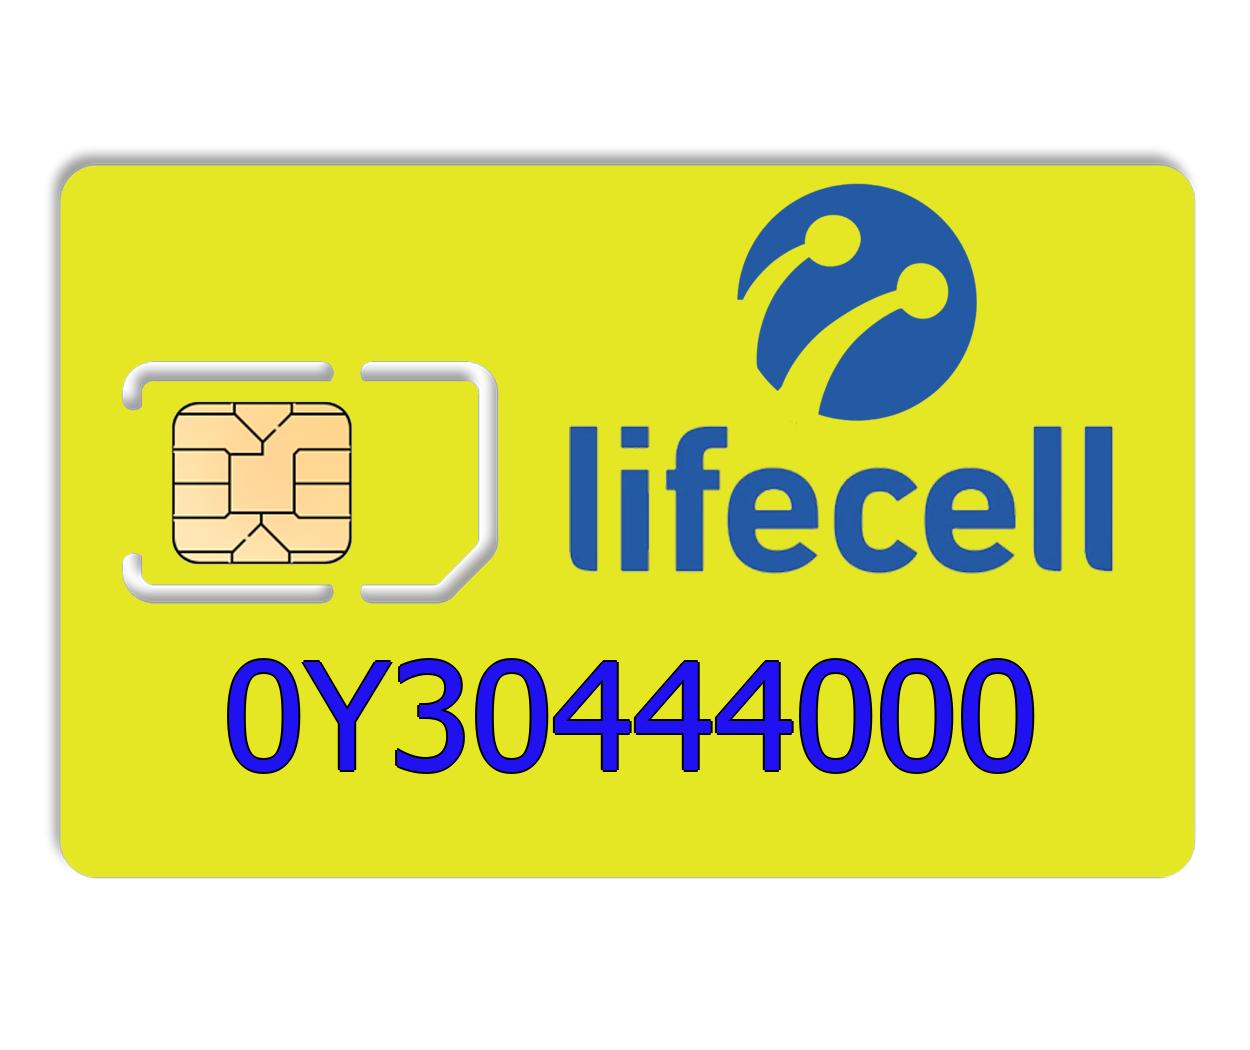 Красивый номер lifecell 0Y30444000